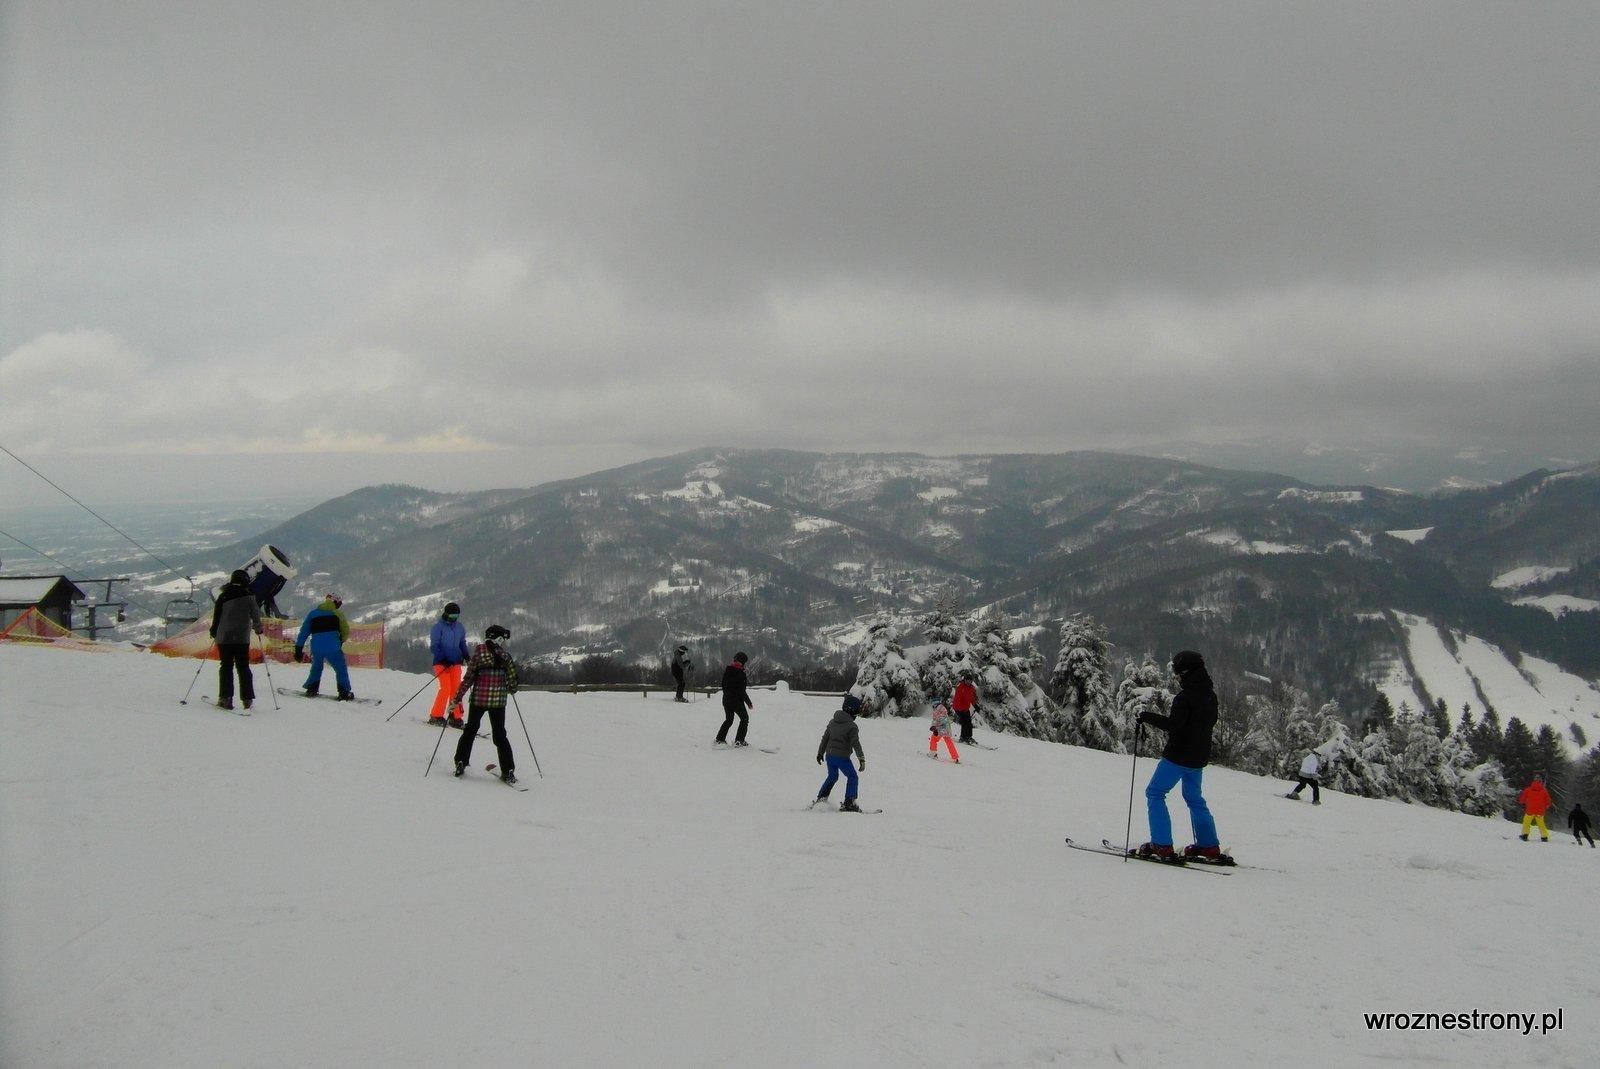 Stok narciarski na Czantorii